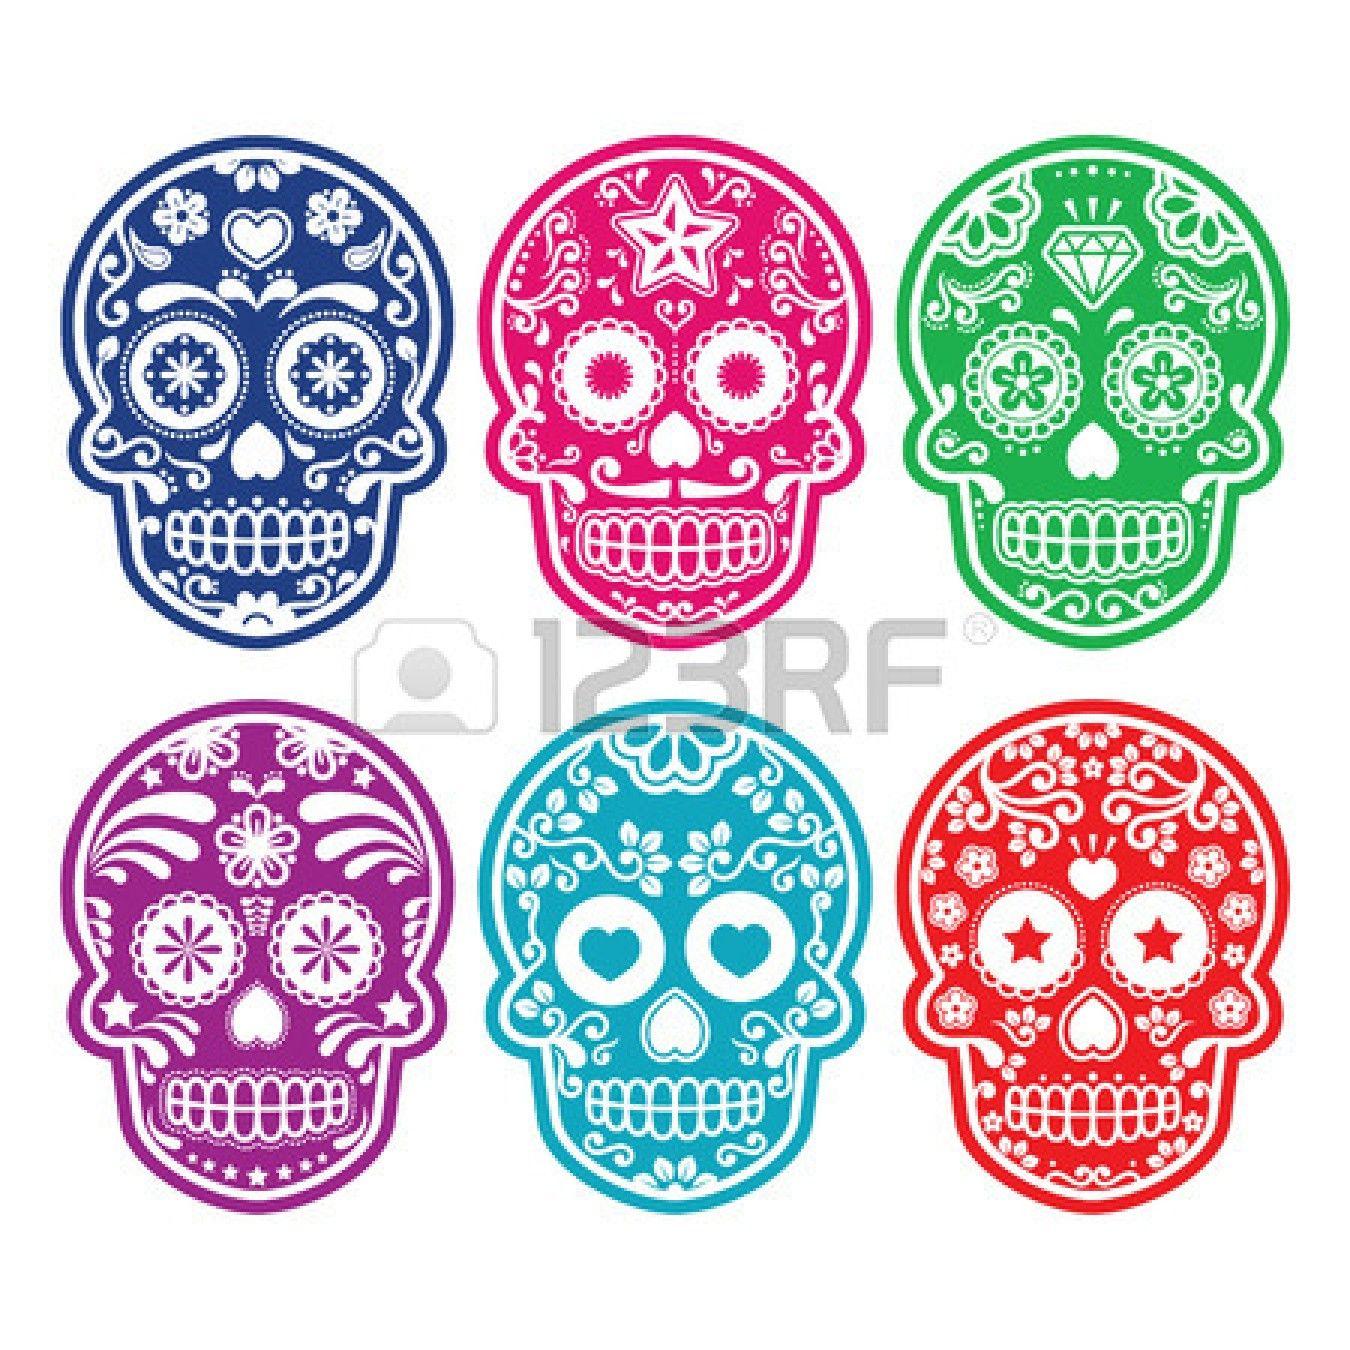 27484851-mexican-sugar-skull-dia-de-los-muertos-colorful-icons-set ...